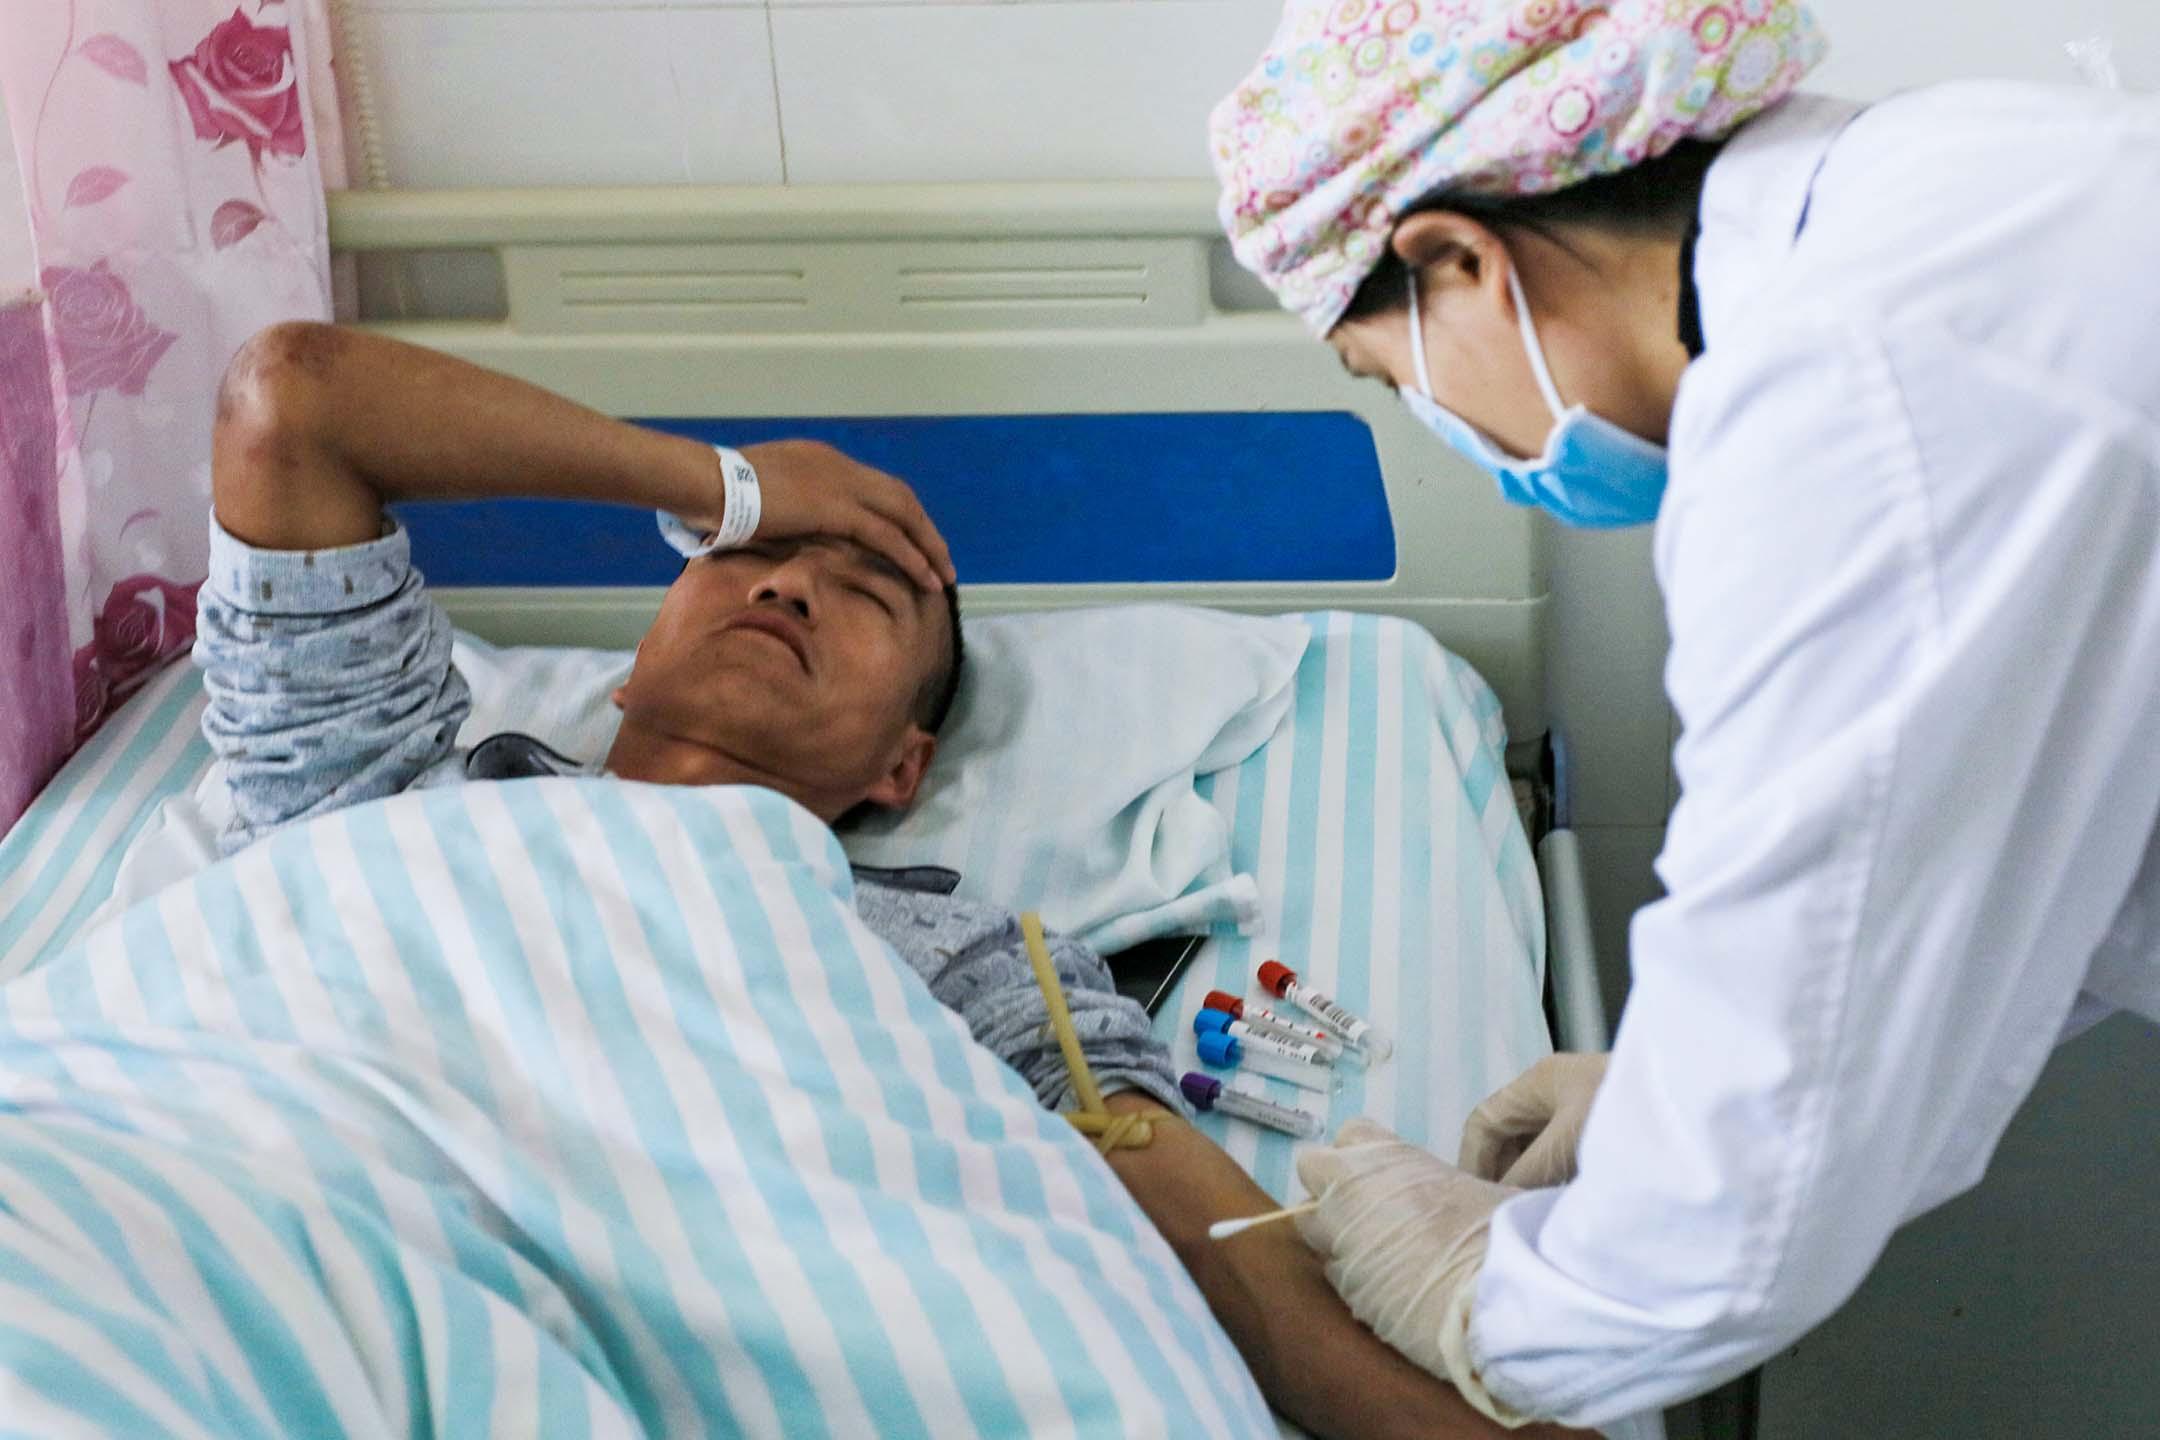 2021年5月23日中國甘肅省白銀市,極端寒冷的天氣導致白銀越野跑比賽的參賽者死亡,一名男子在一家醫院接受治療。